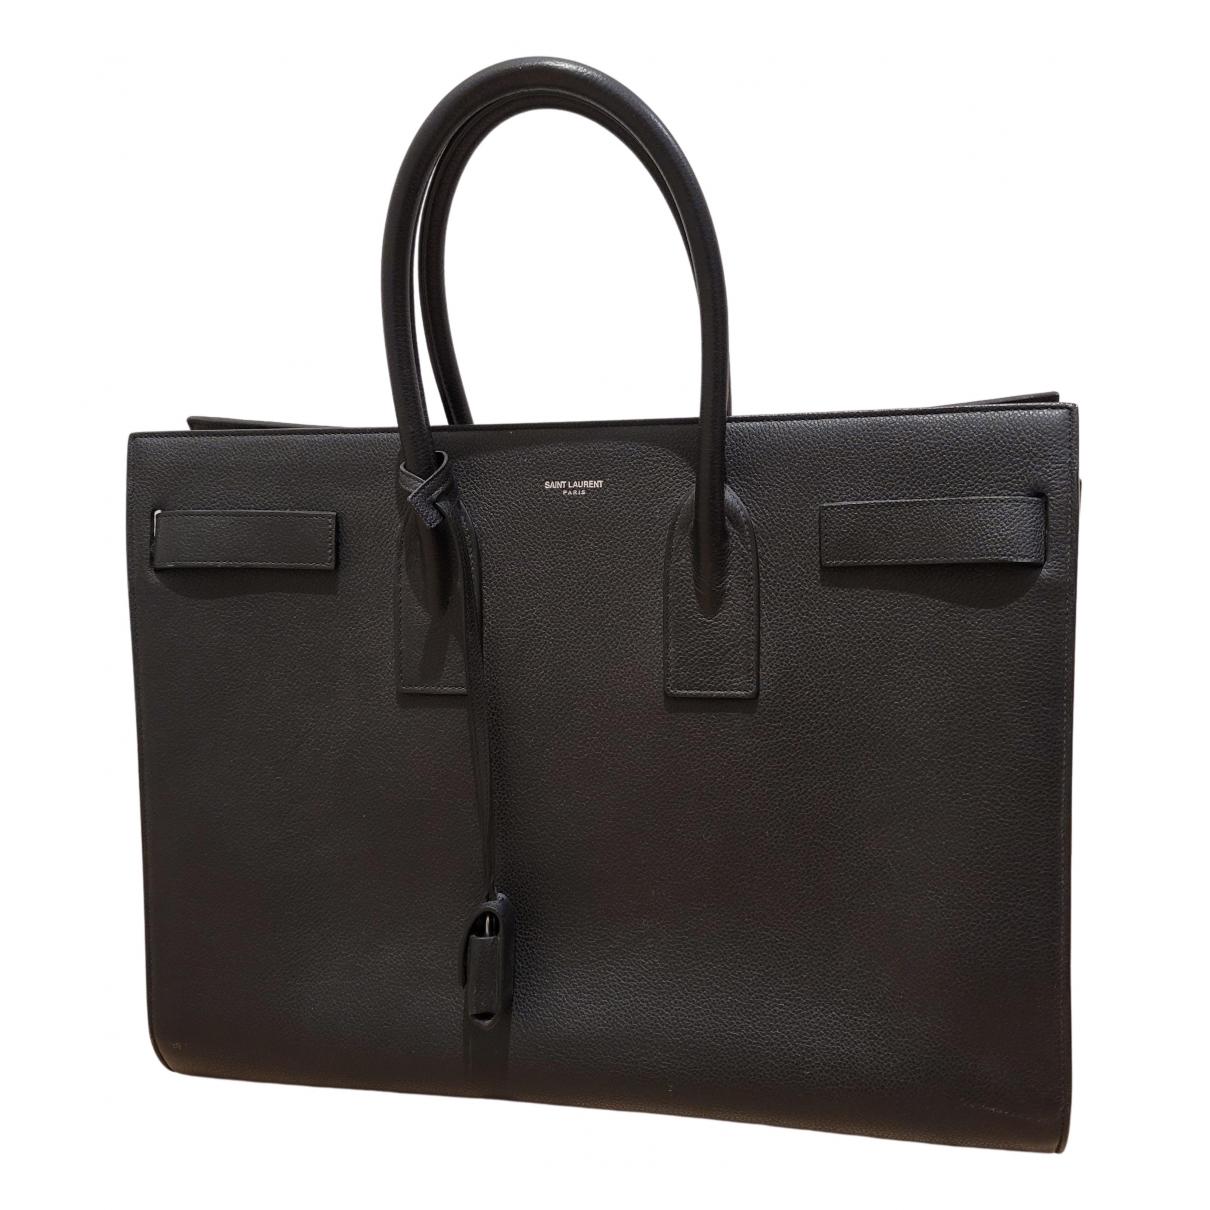 Saint Laurent Sac de Jour  Black Leather bag for Men \N